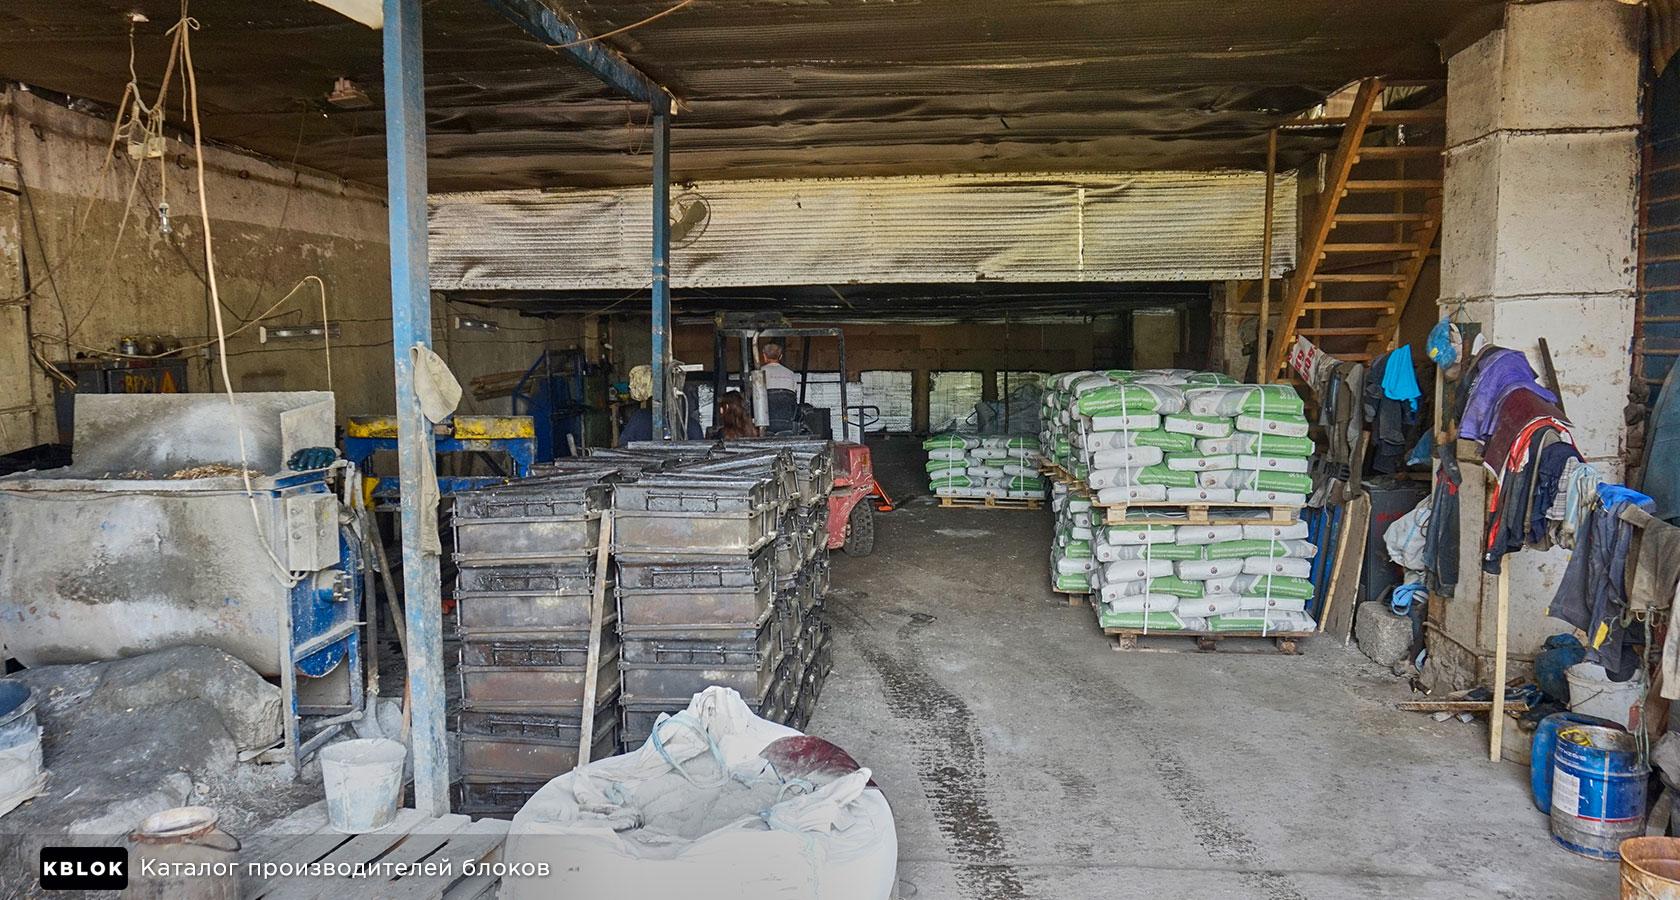 Производство блоков в цеху